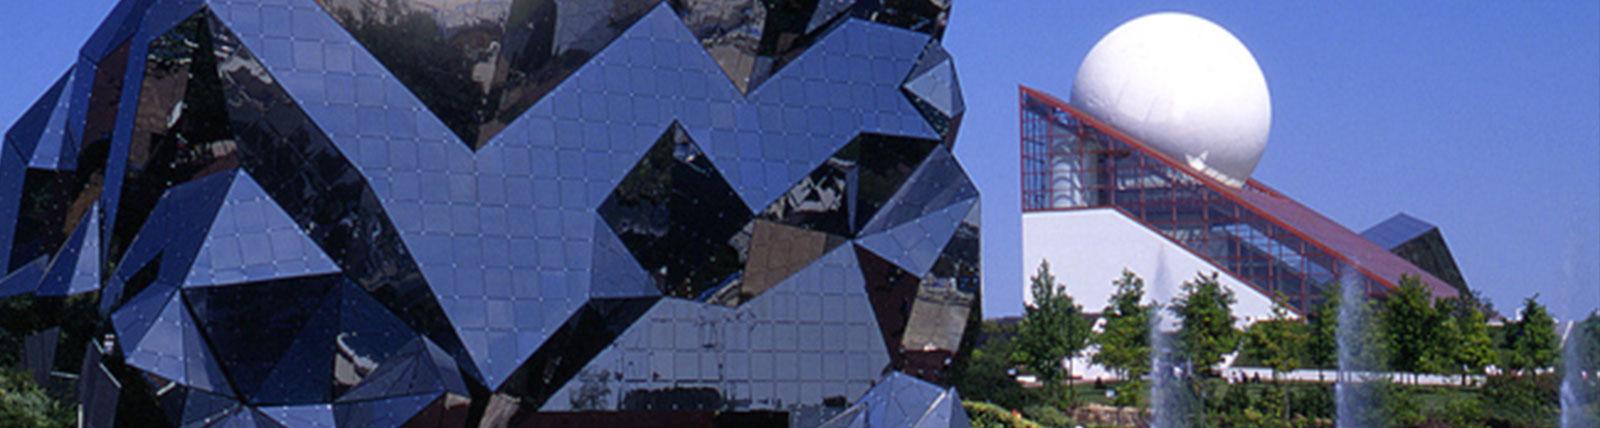 Futuroscope, un rêve dans les betteraves, une première diffusion télévisée